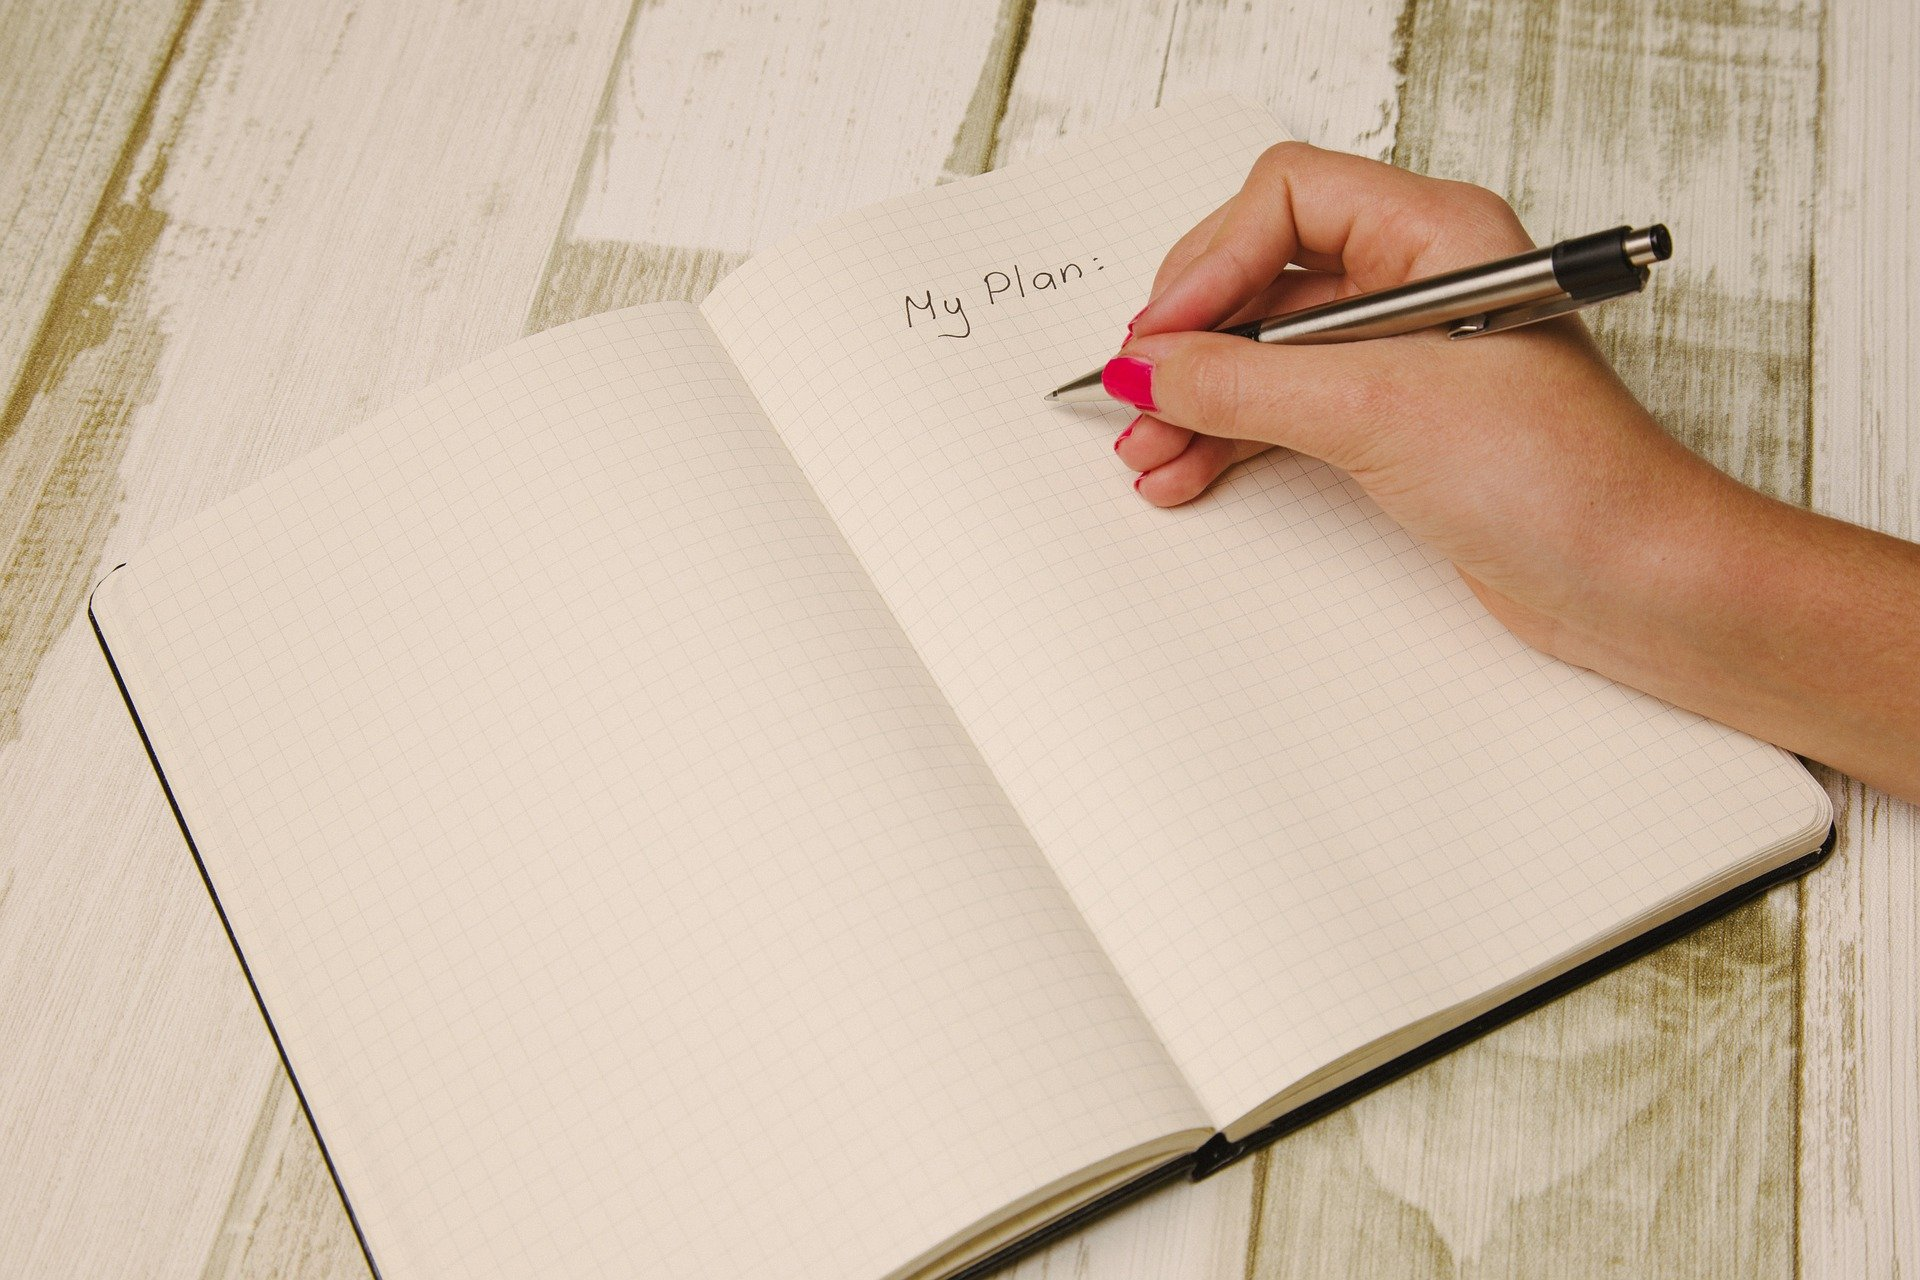 Marketingplanung 2021 – Kreativ und vorbereitet ins neue Jahr!